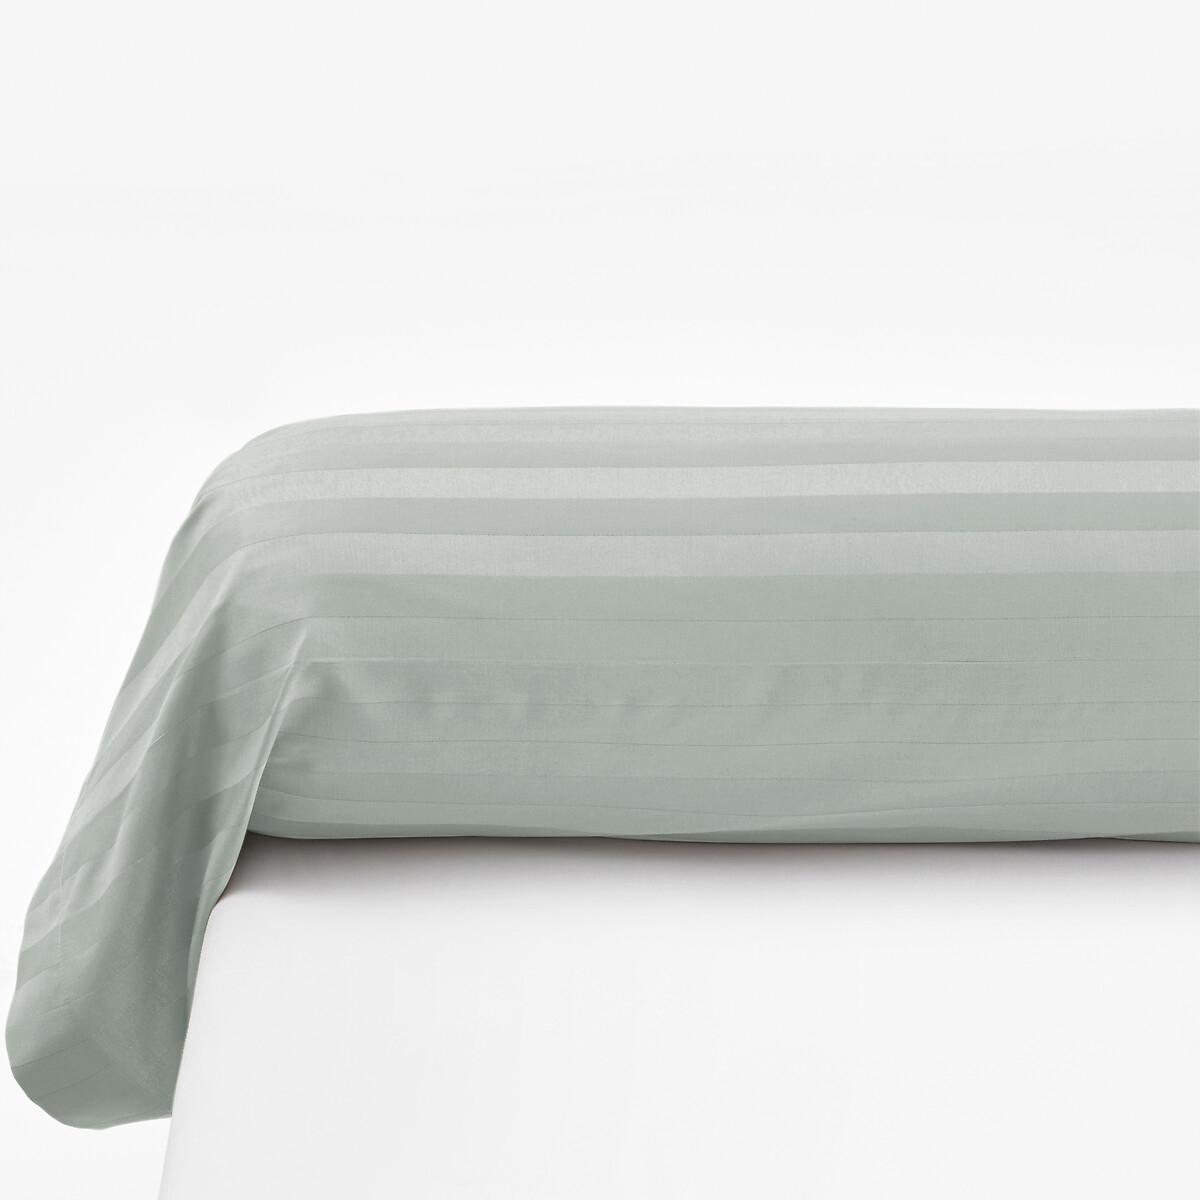 Наволочка LaRedoute На подушку-валик из хлопкового сатина в полоску 85 x 185 см зеленый пододеяльник laredoute из 100 хлопкового сатина в полоску 240 x 220 см зеленый